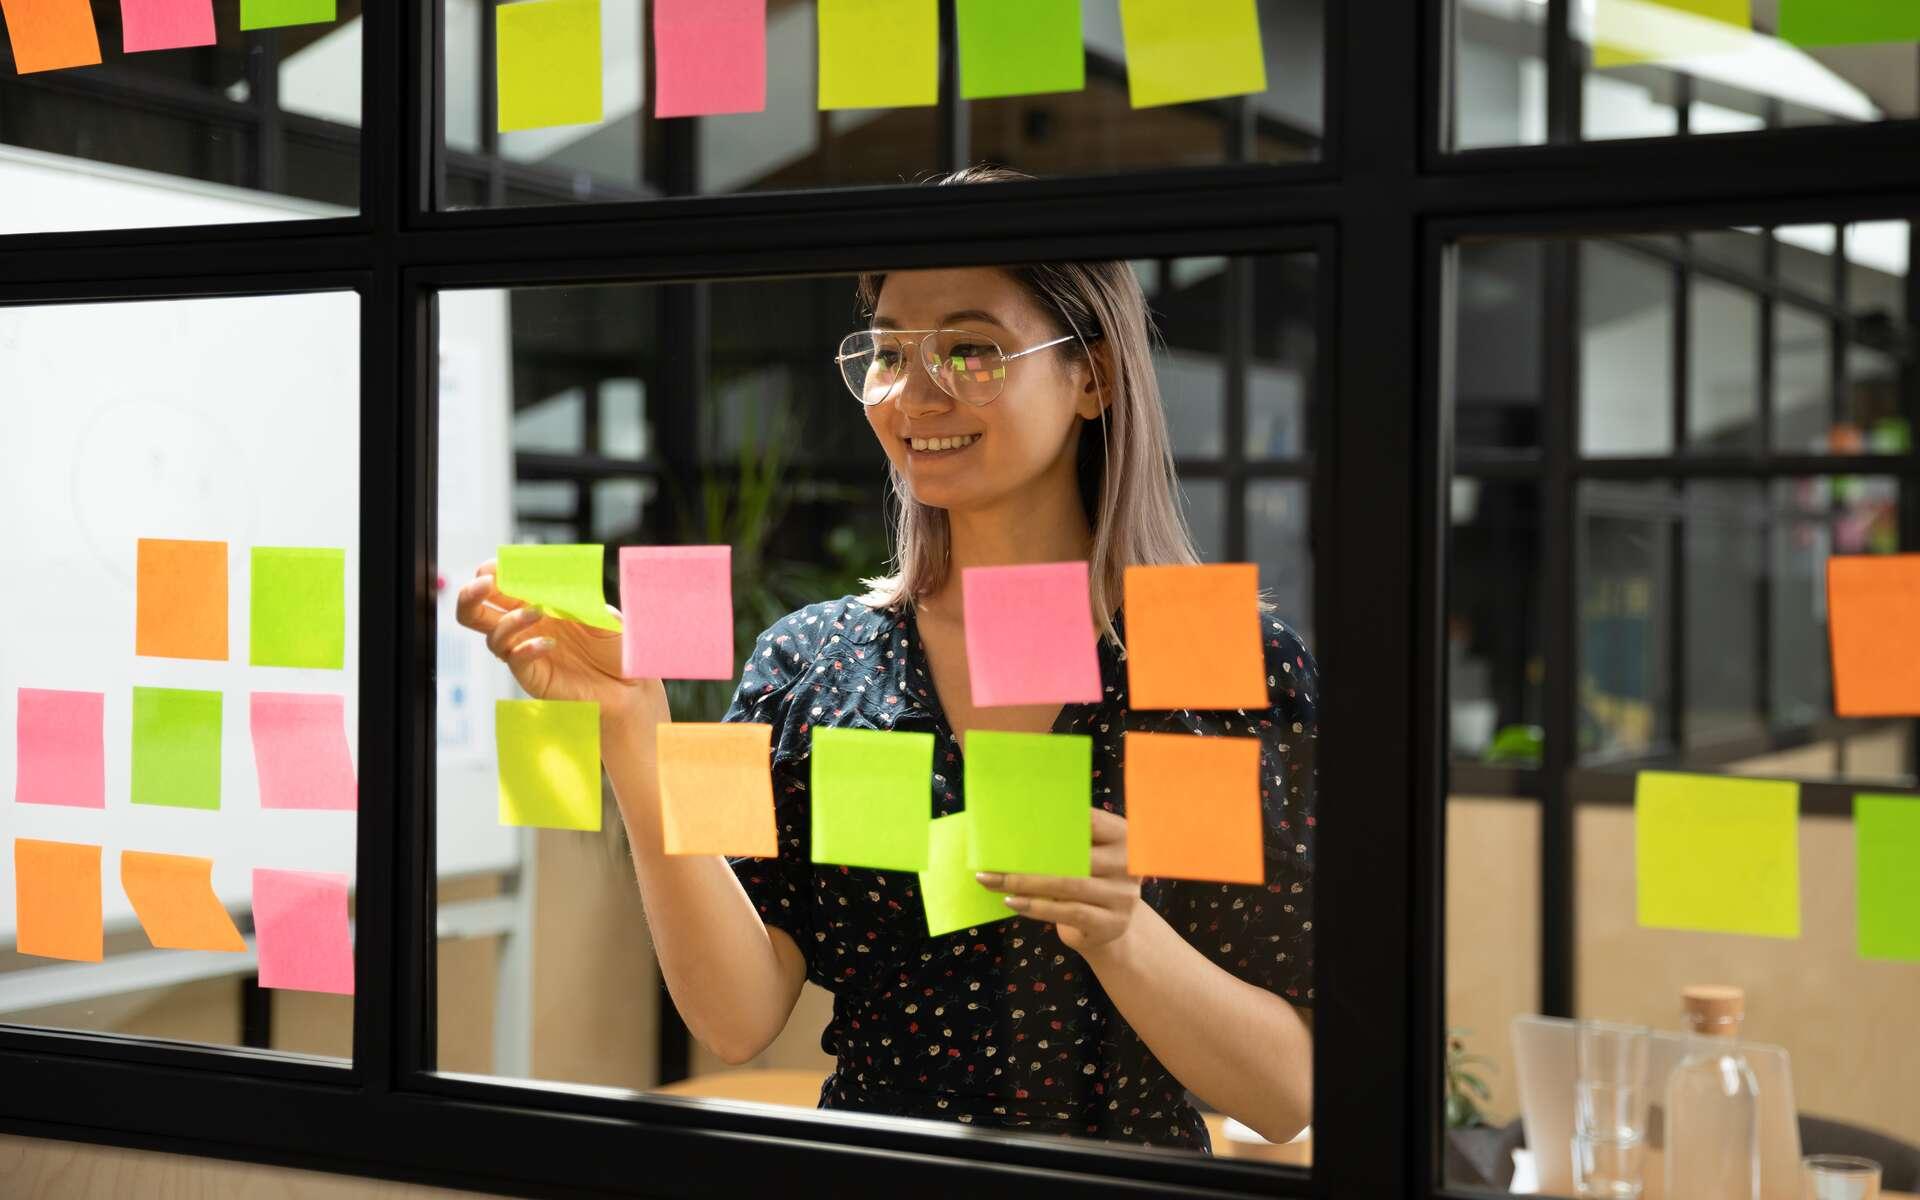 Le scrum master organise le travail de ses collègues afin de rendre l'équipe efficace et productive. © fizkes, Adobe Stock.